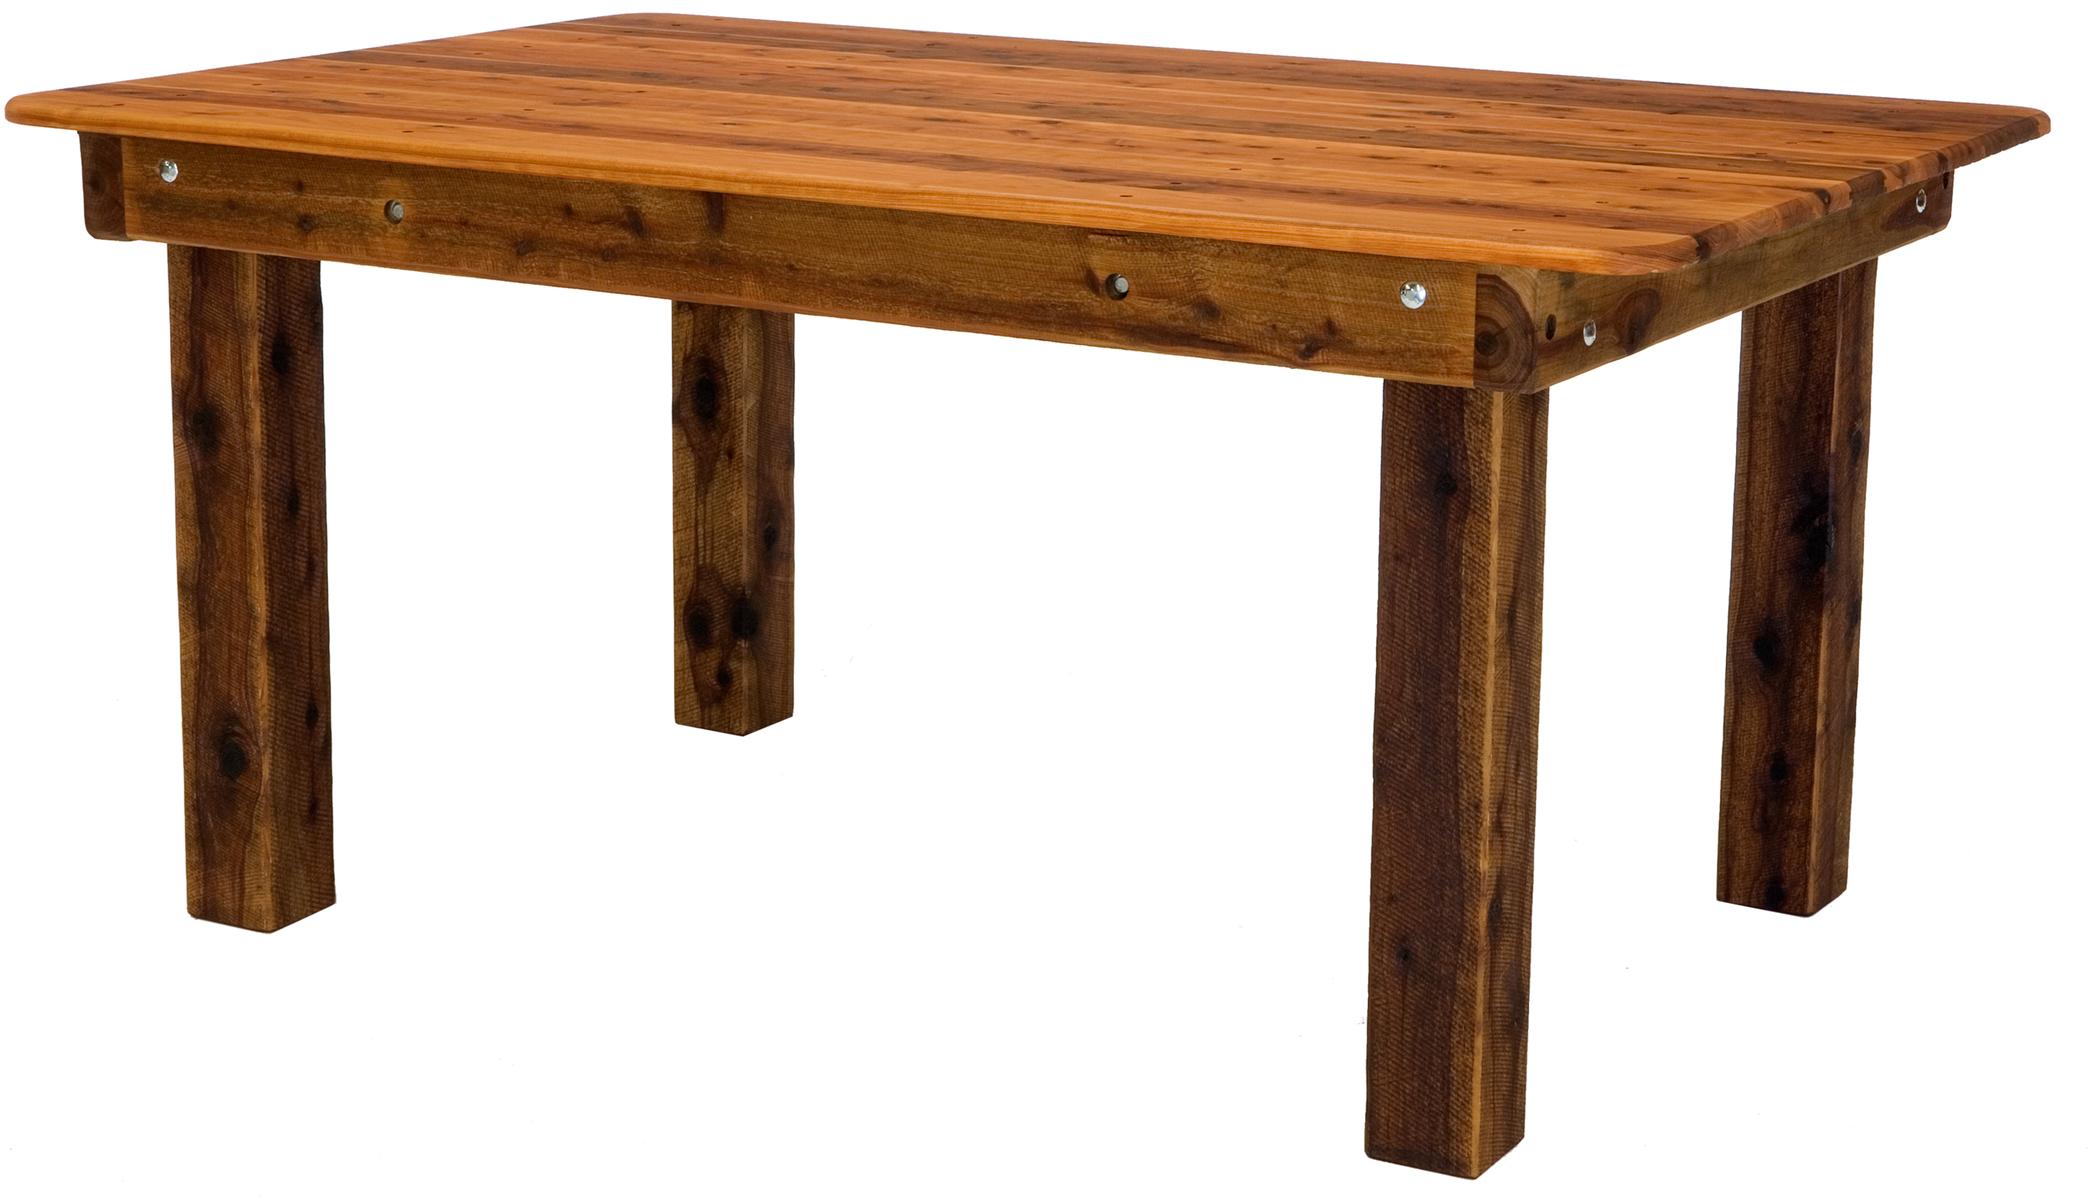 Wallpaper Table Legs Wallpapersafari